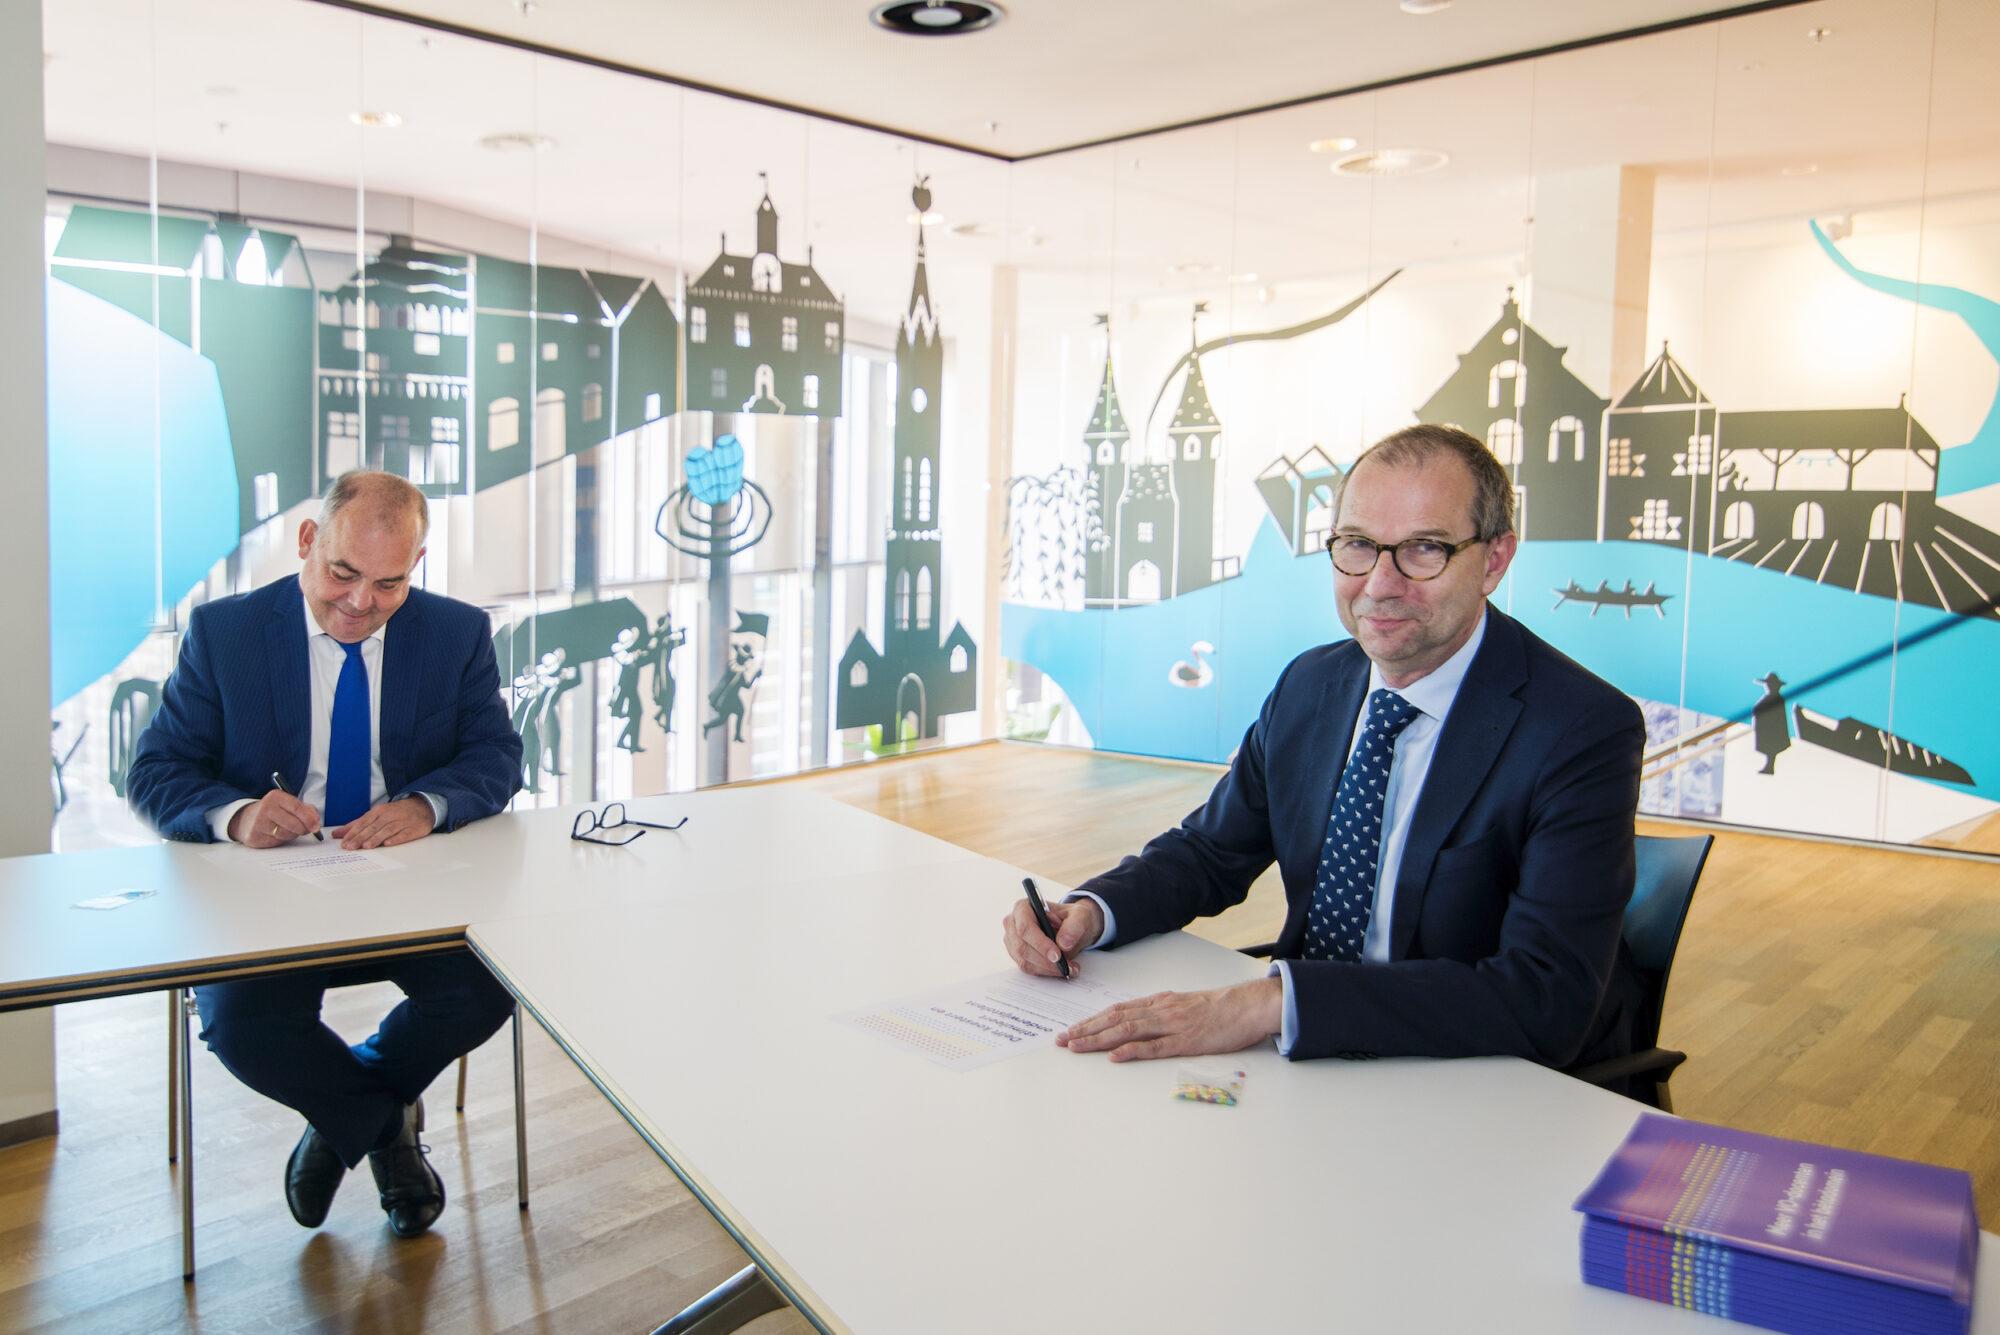 Initiatiefnemer Rob Mudde (TU Delft) ondertekent de samenwerking met wethouder Lennart Harpe (Gemeente Delft).